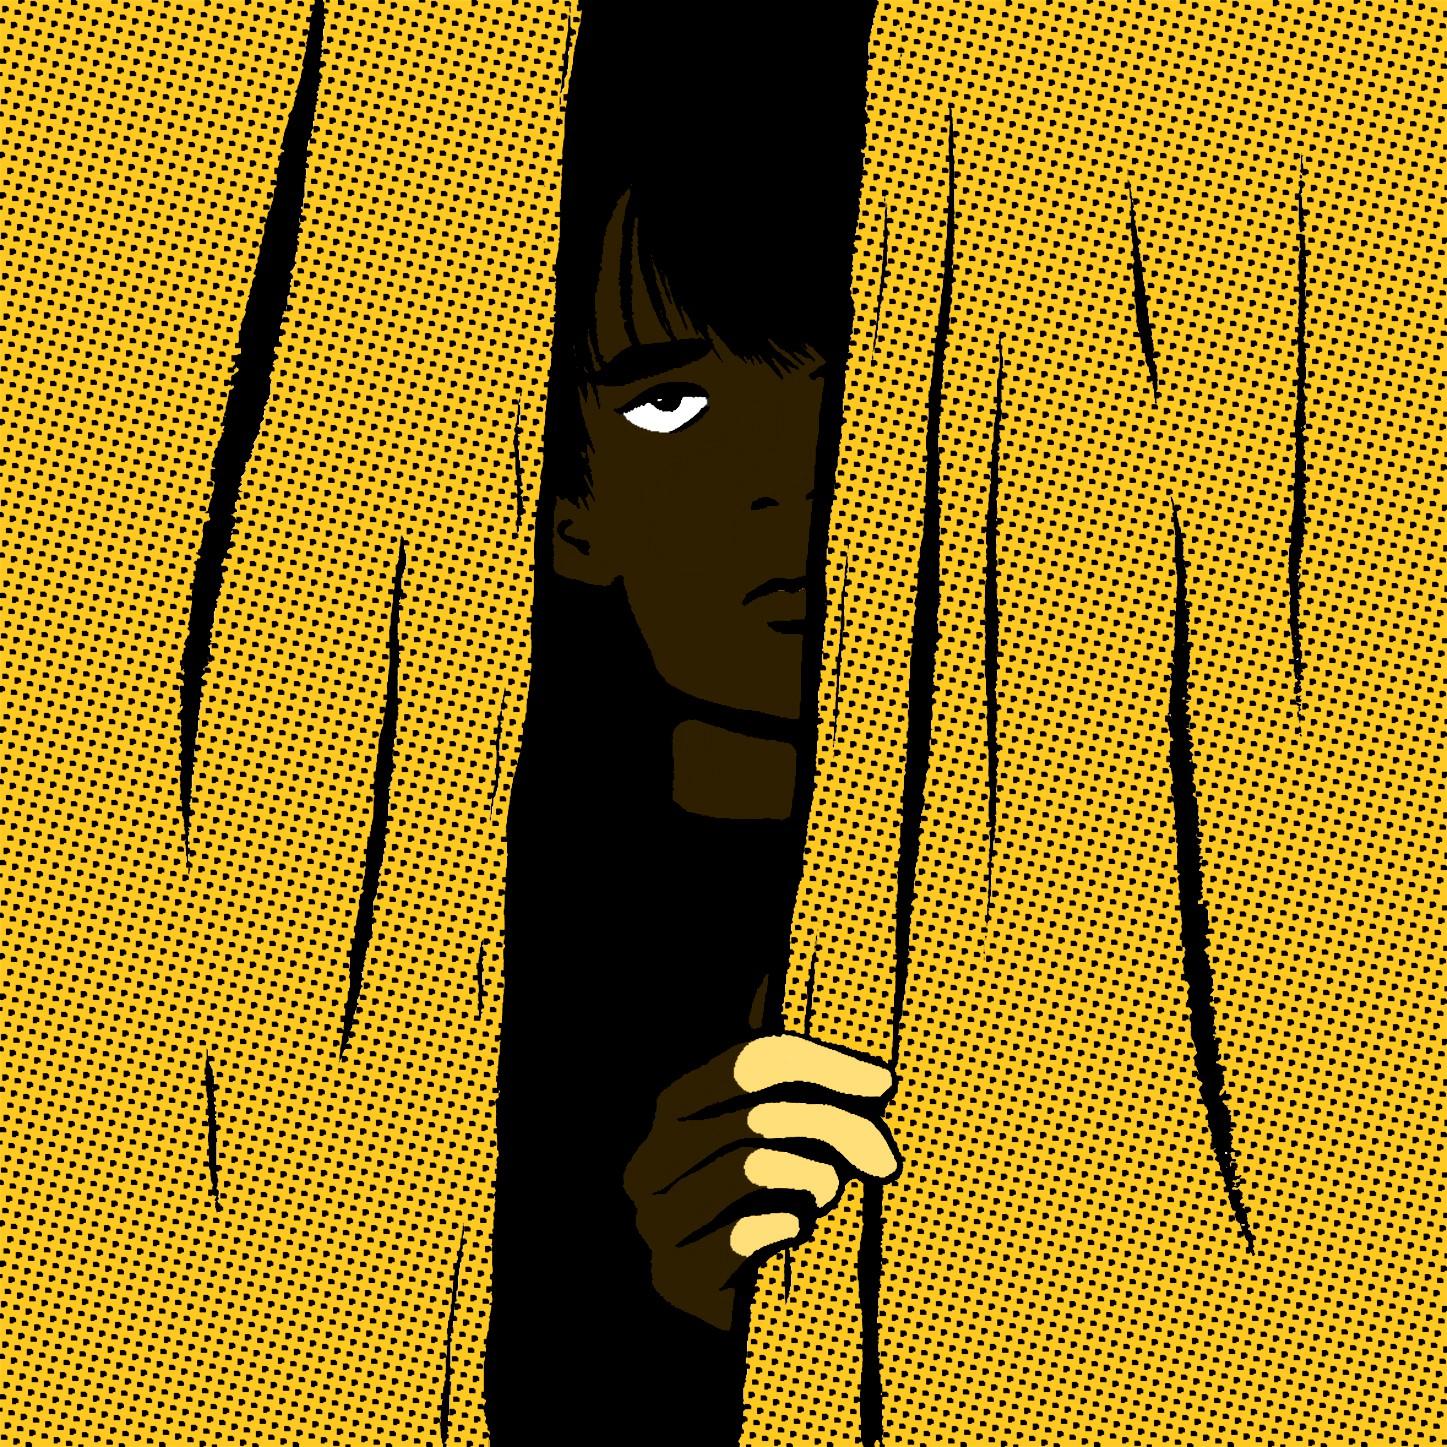 Nhà tù bên trong: hikikomori của Nhật Bản thiếu các mối quan hệ, không phải không gian vật lý - Ảnh 5.